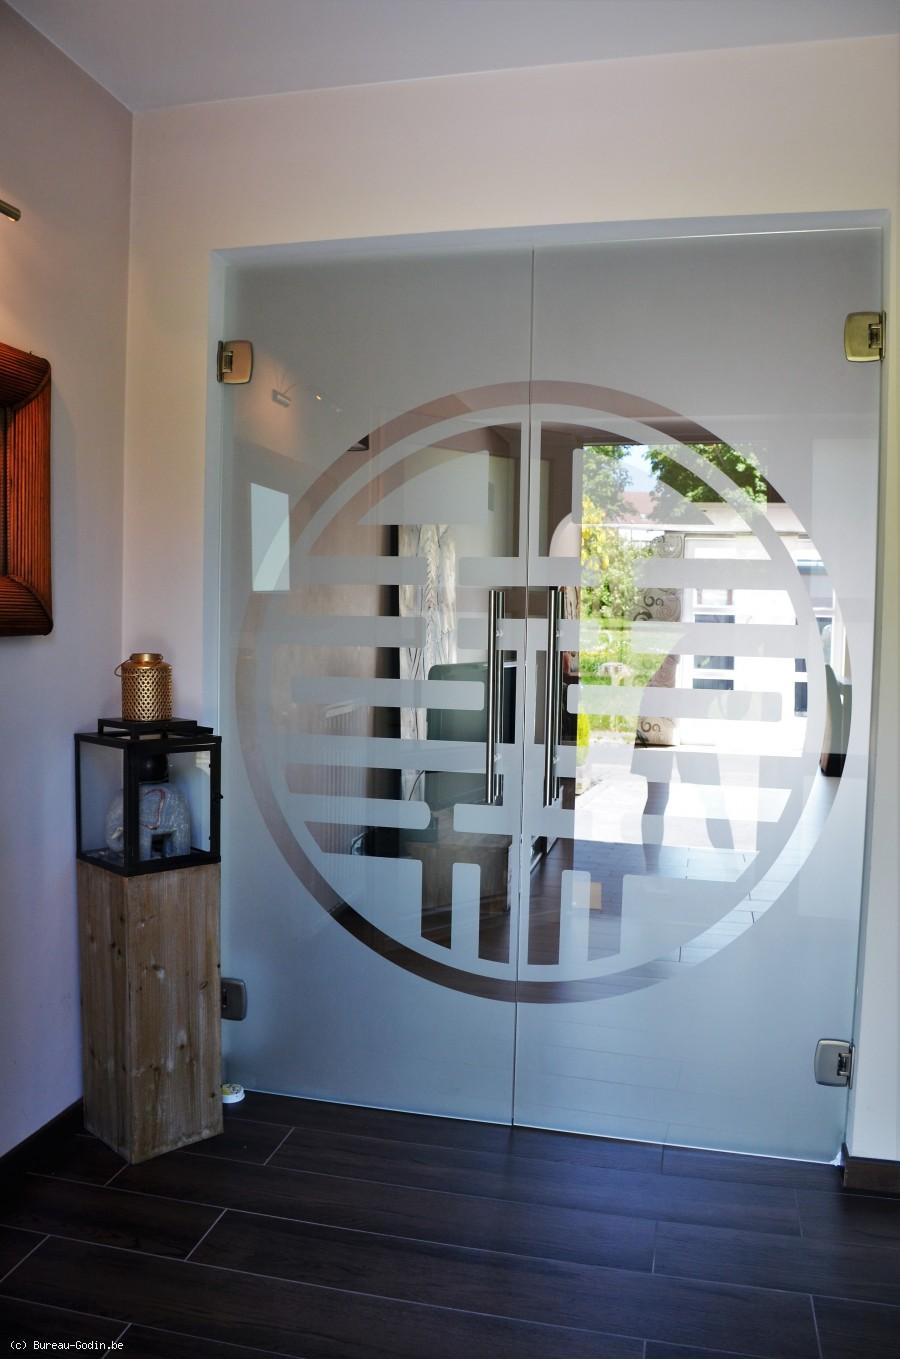 Home Notre Foyer Marcinelle : Bureau godin sublime maison chambres entièrement